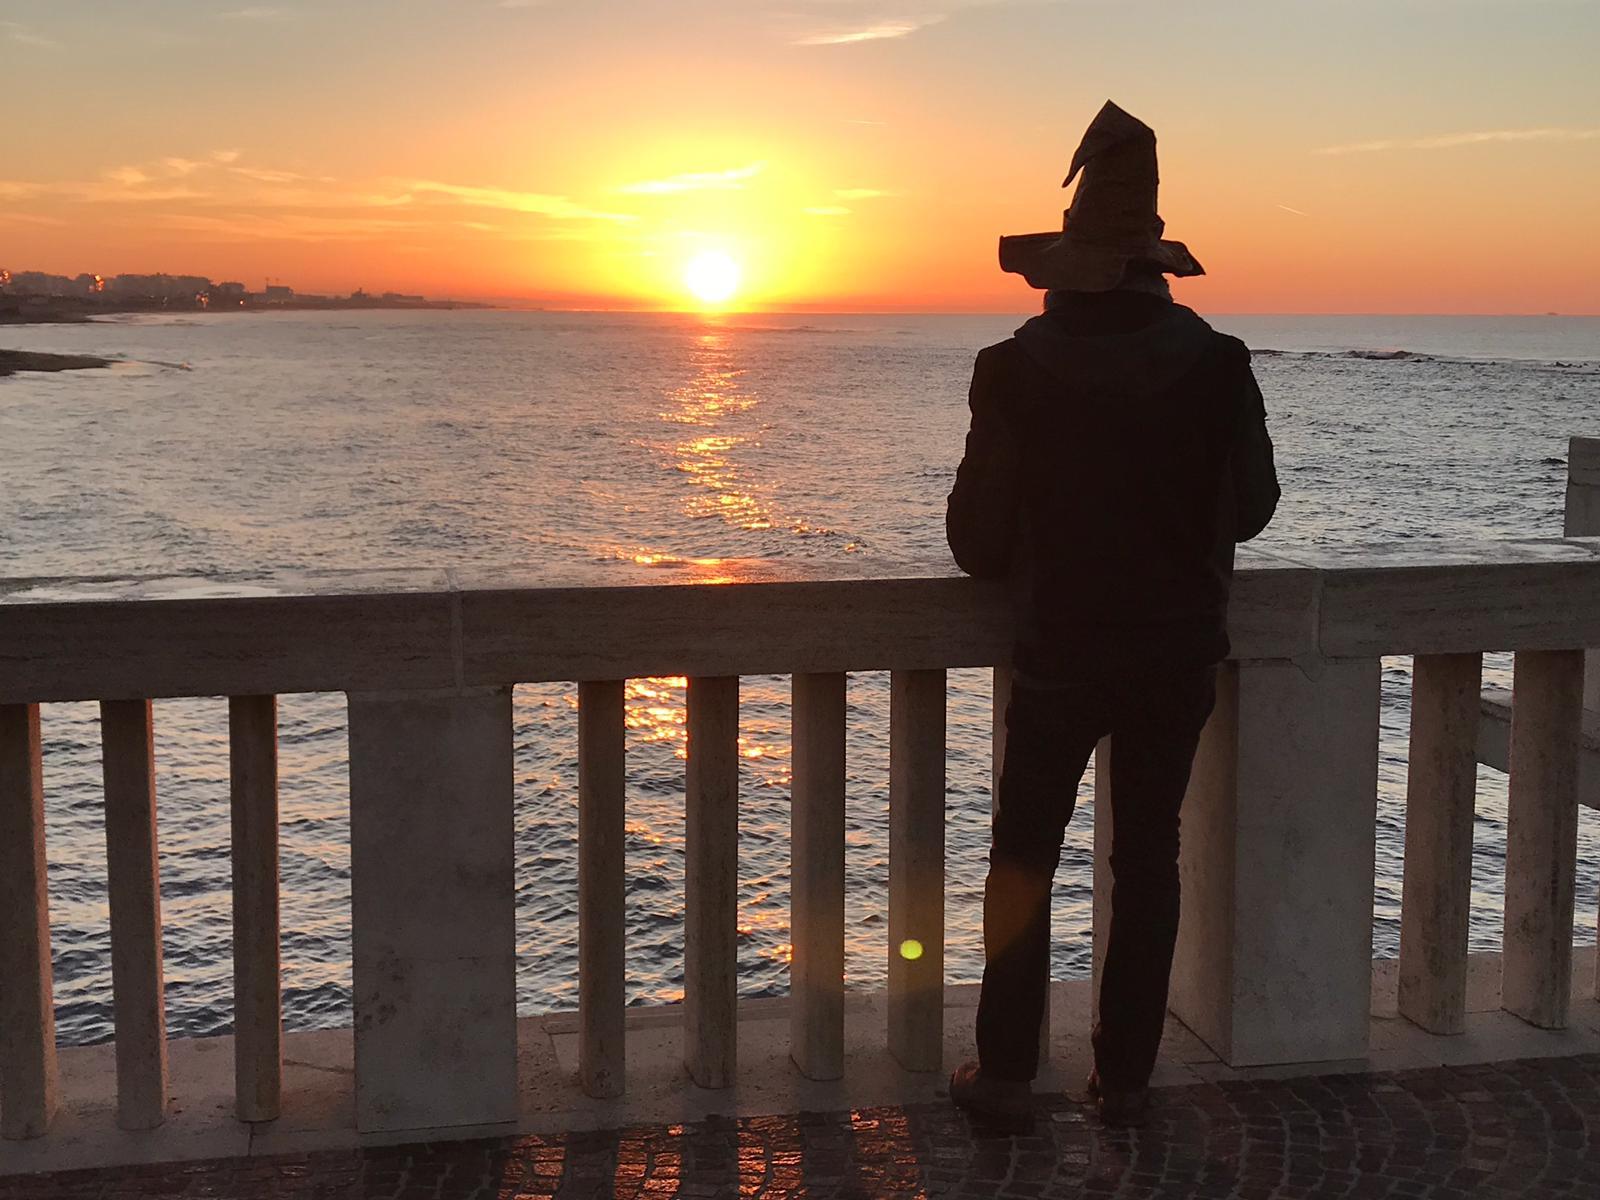 L'alba del solstizio: anche quest'anno emozione